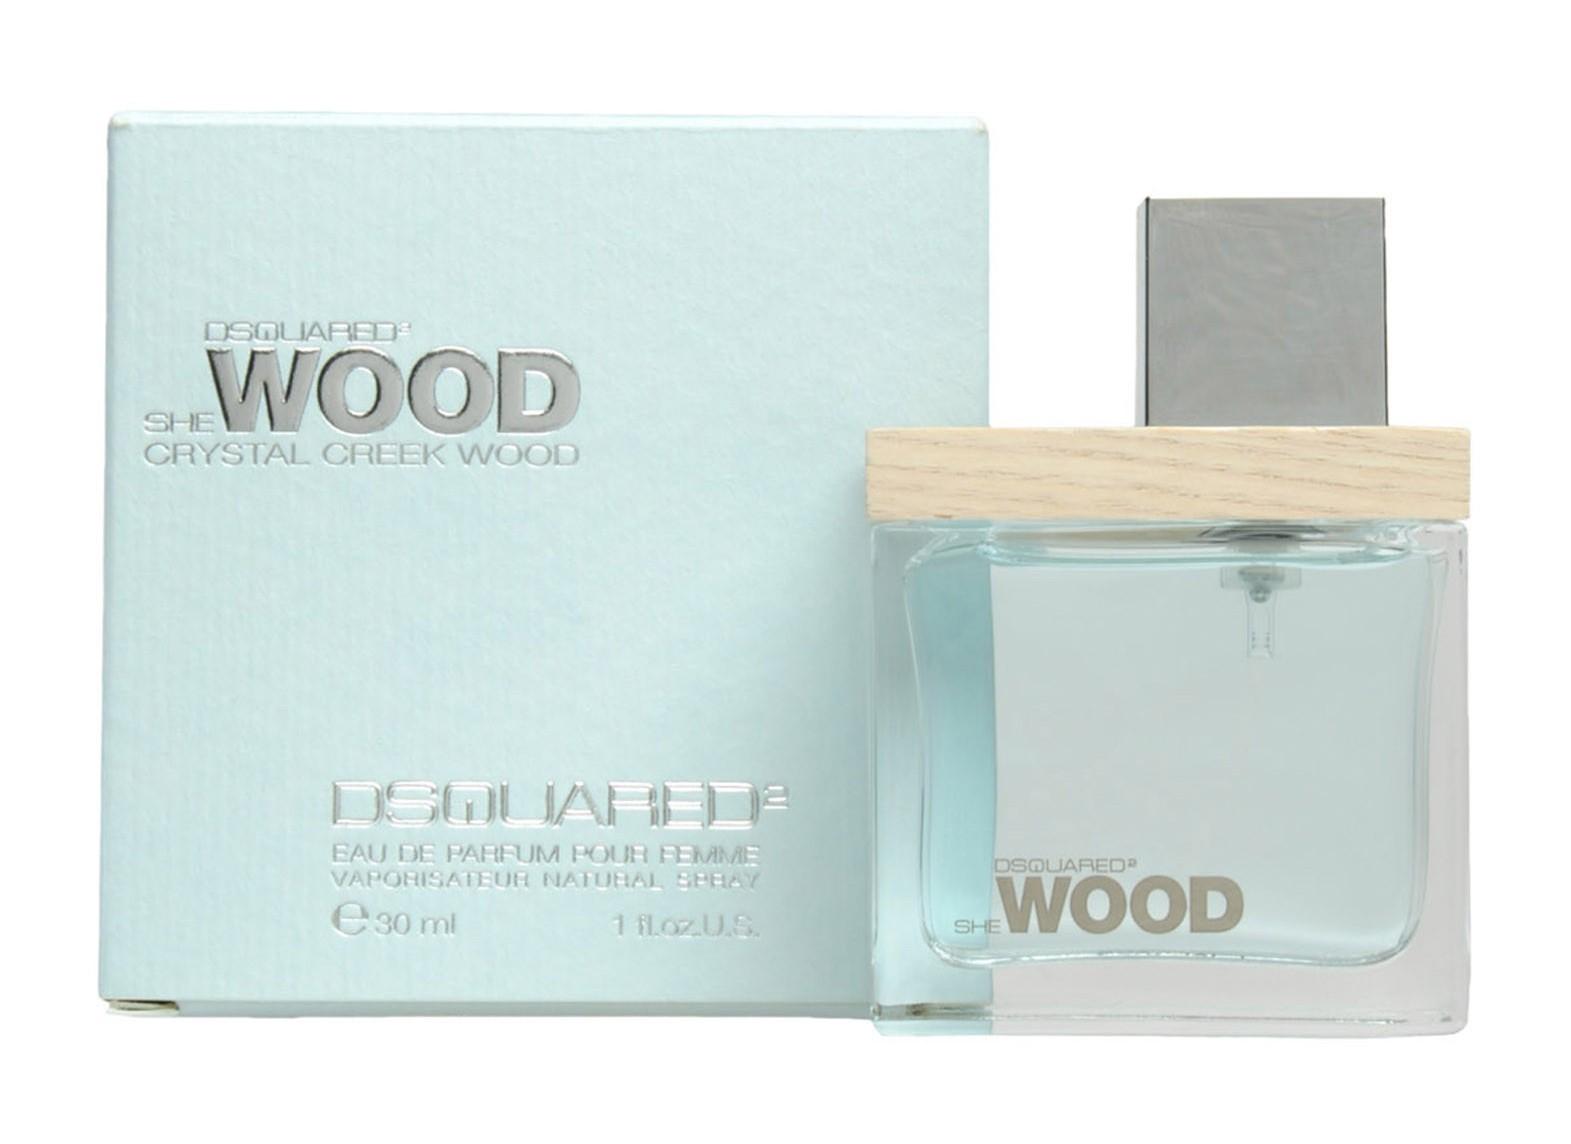 Dsquared2 She Wood Crystal Creek Wood, Parfémovaná voda, 30ml, Dámska vôňa, + AKCE: dárek zdarma